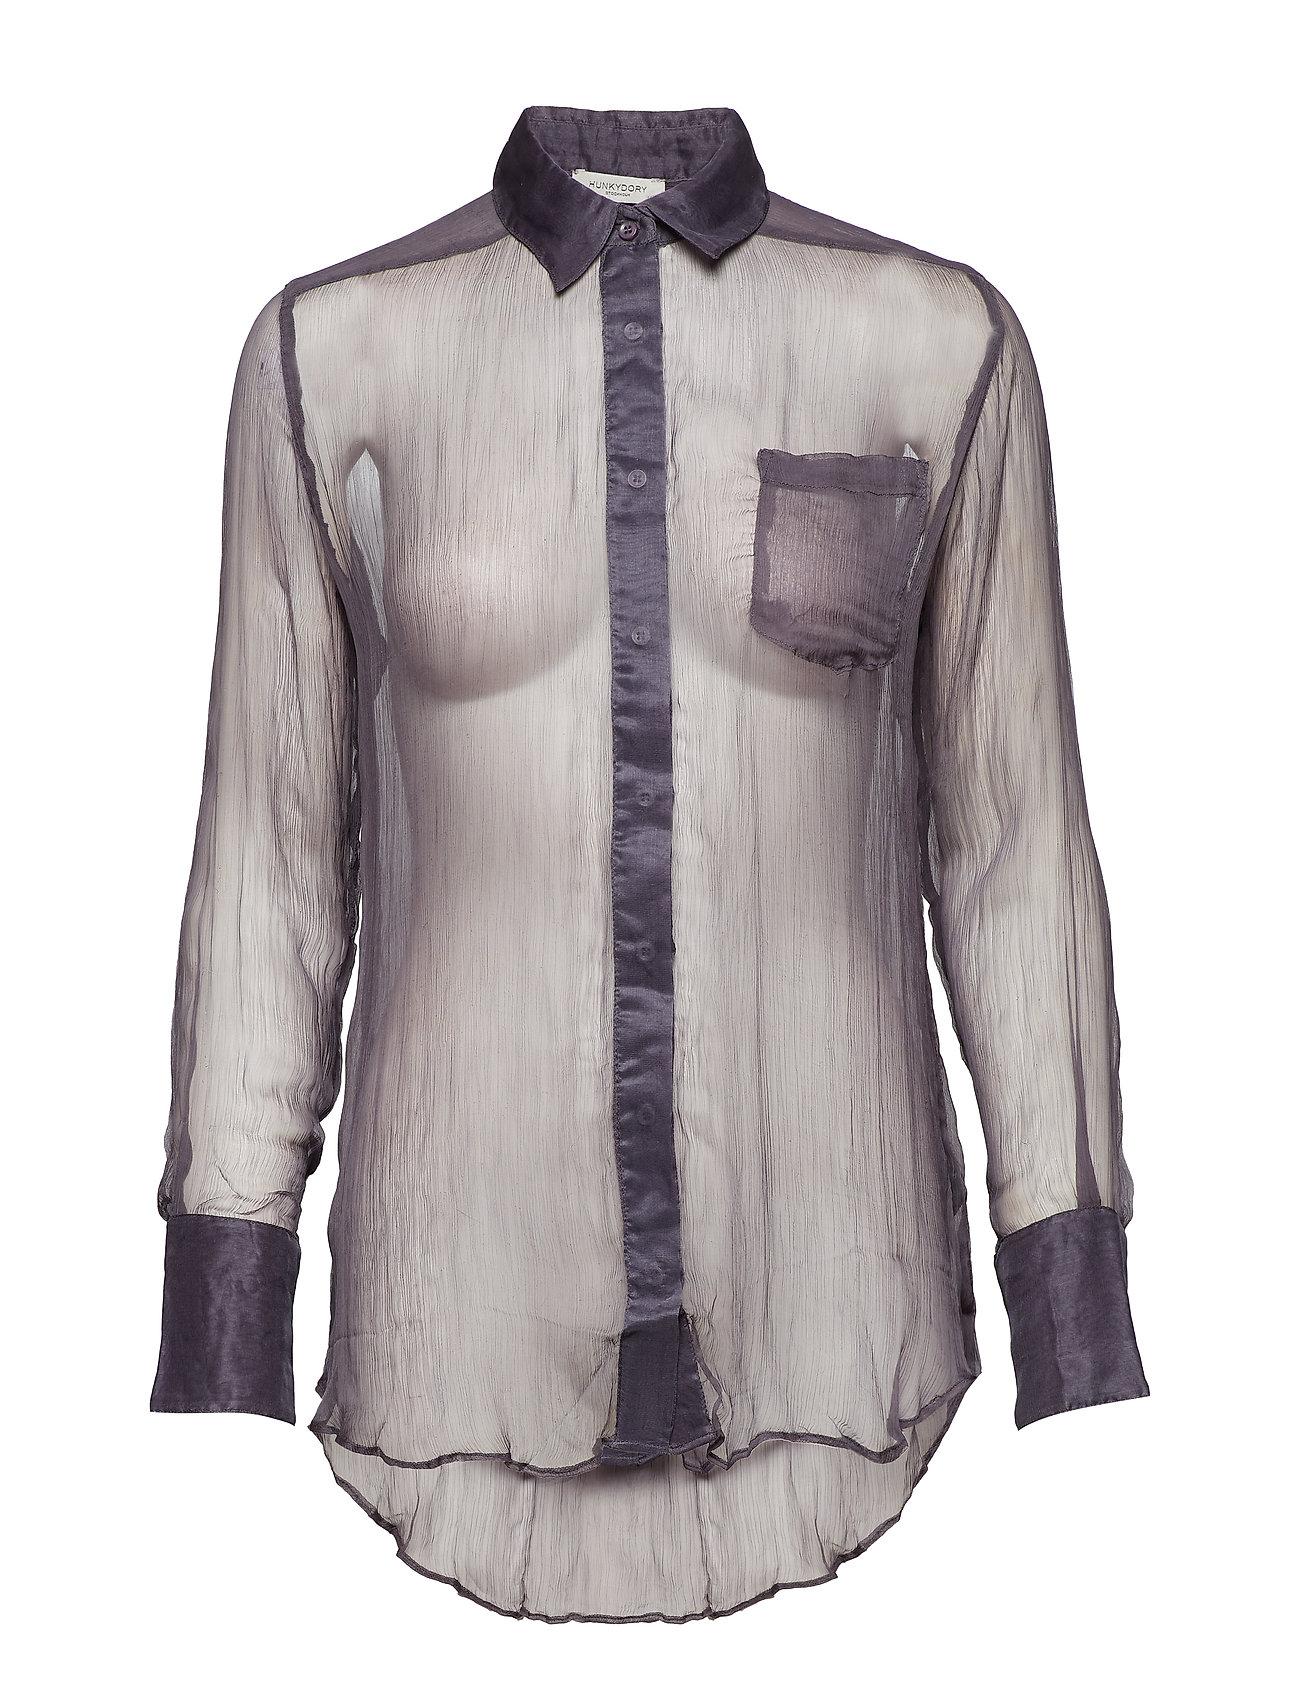 Hunkydory Leola Shirt Ögrönlar